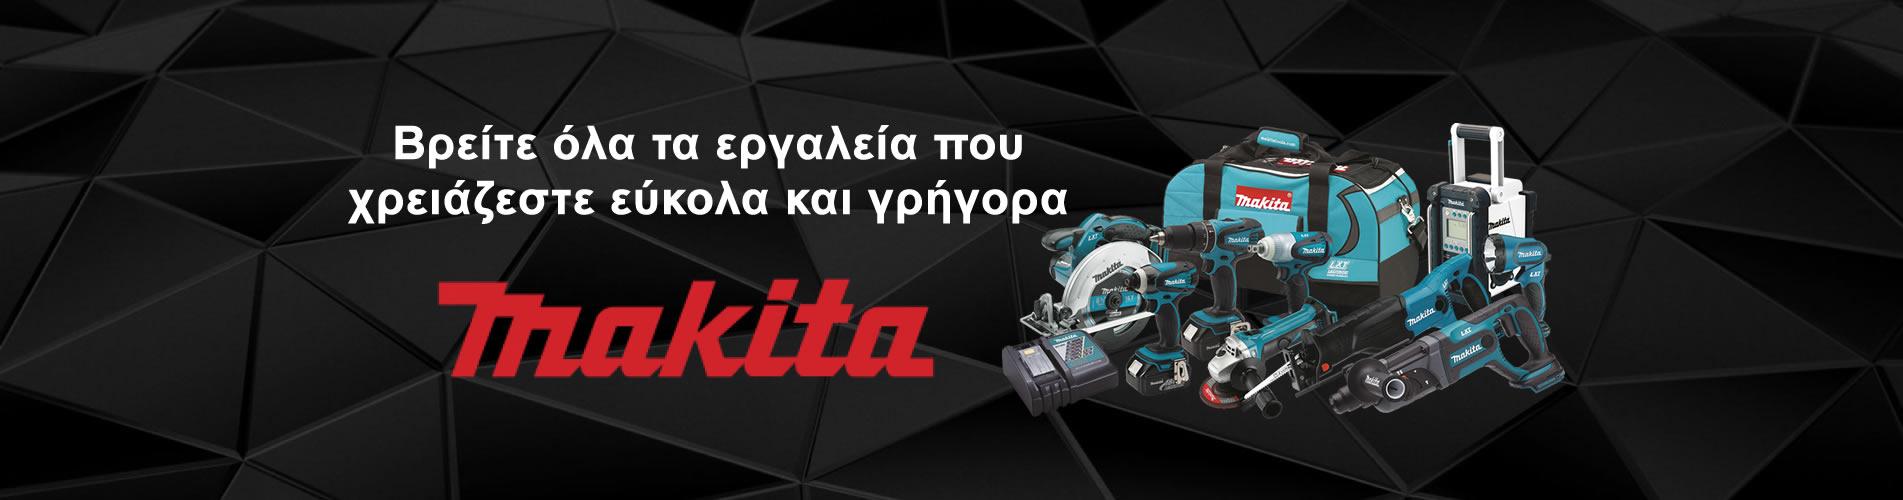 Stereotiki Banner 6 - Makita Distributor Slide